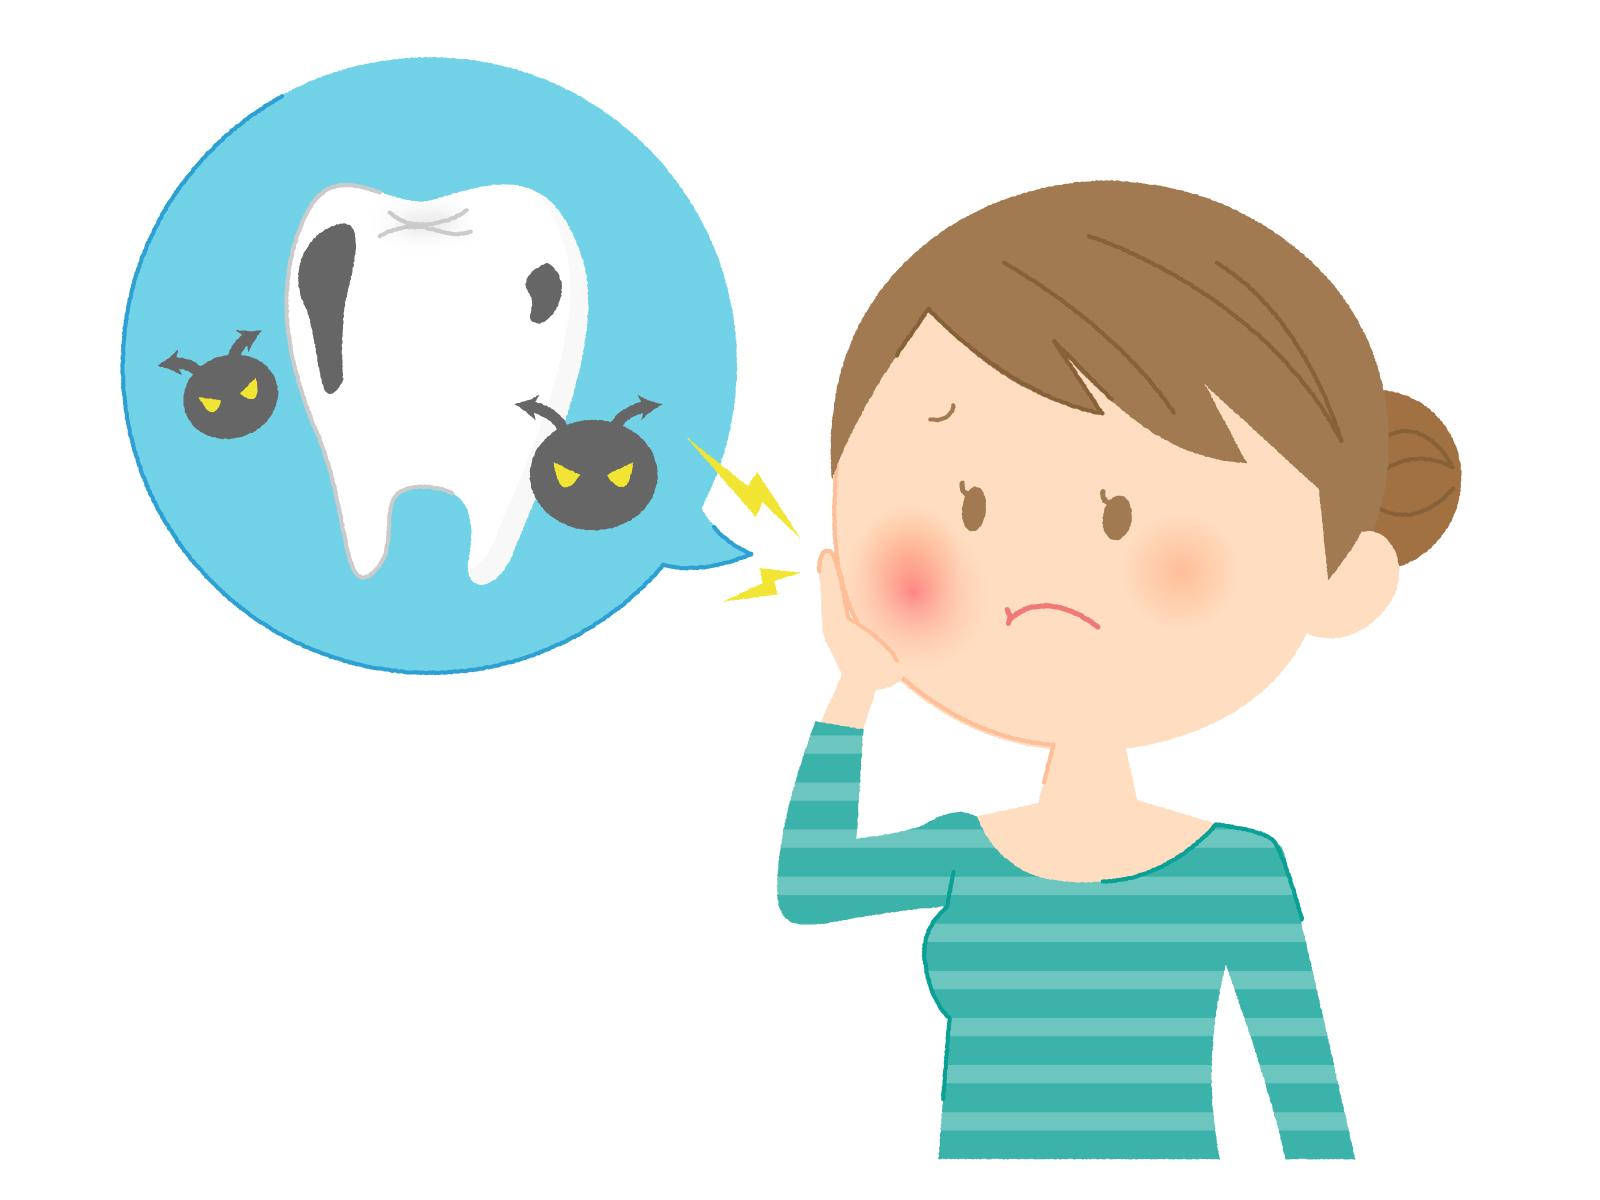 歯がしみるのに虫歯じゃないと言われたことありませんか。